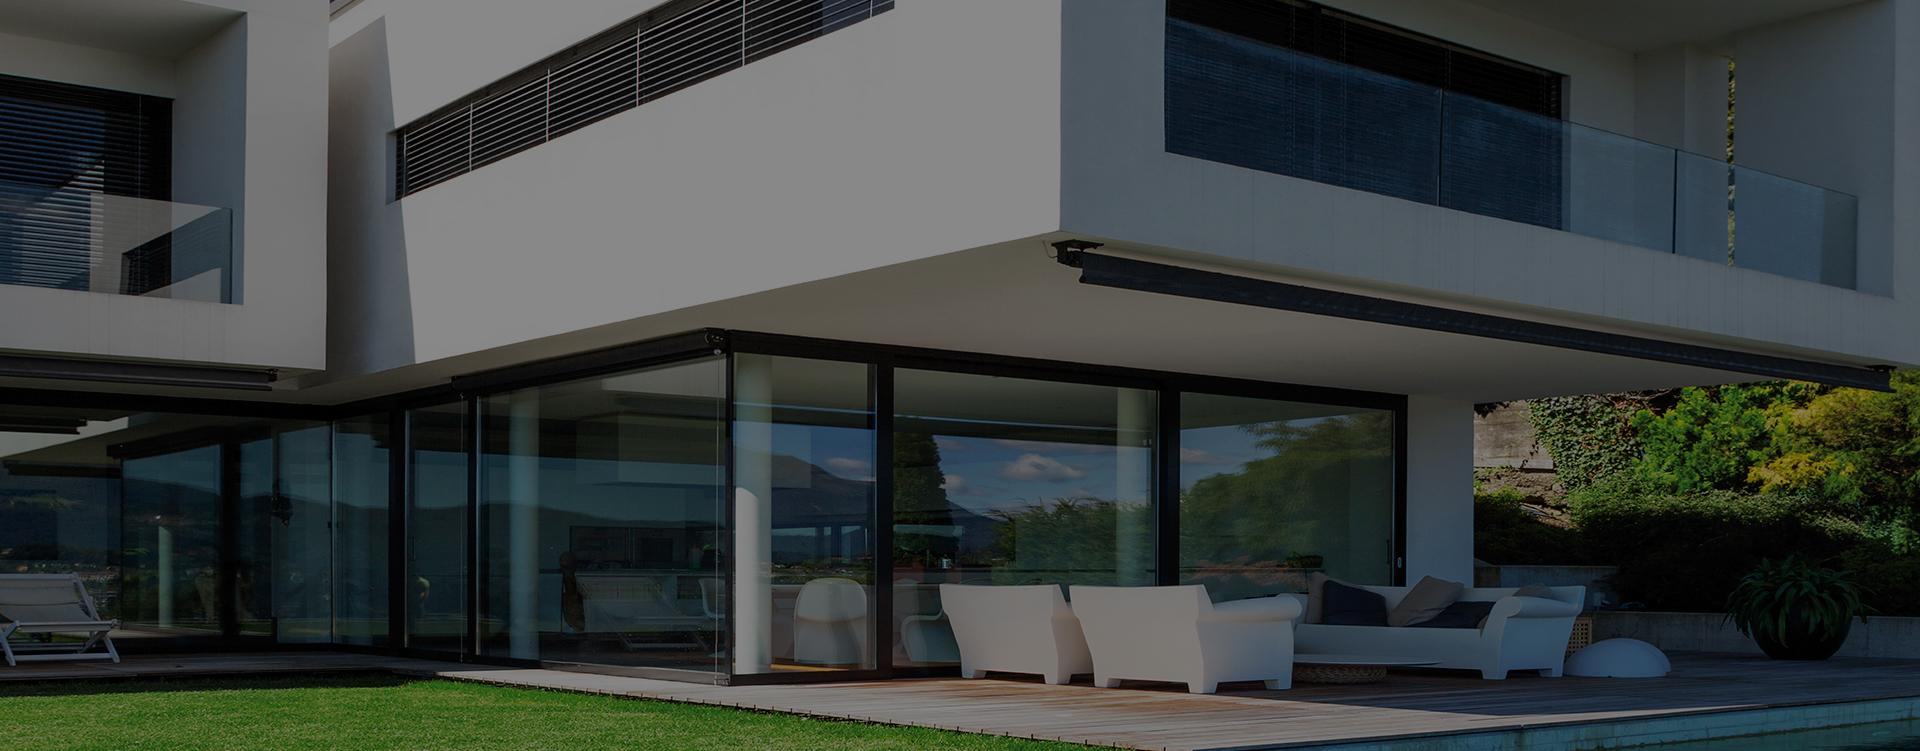 ¿Por qué debes elegir una vivienda eficiente?